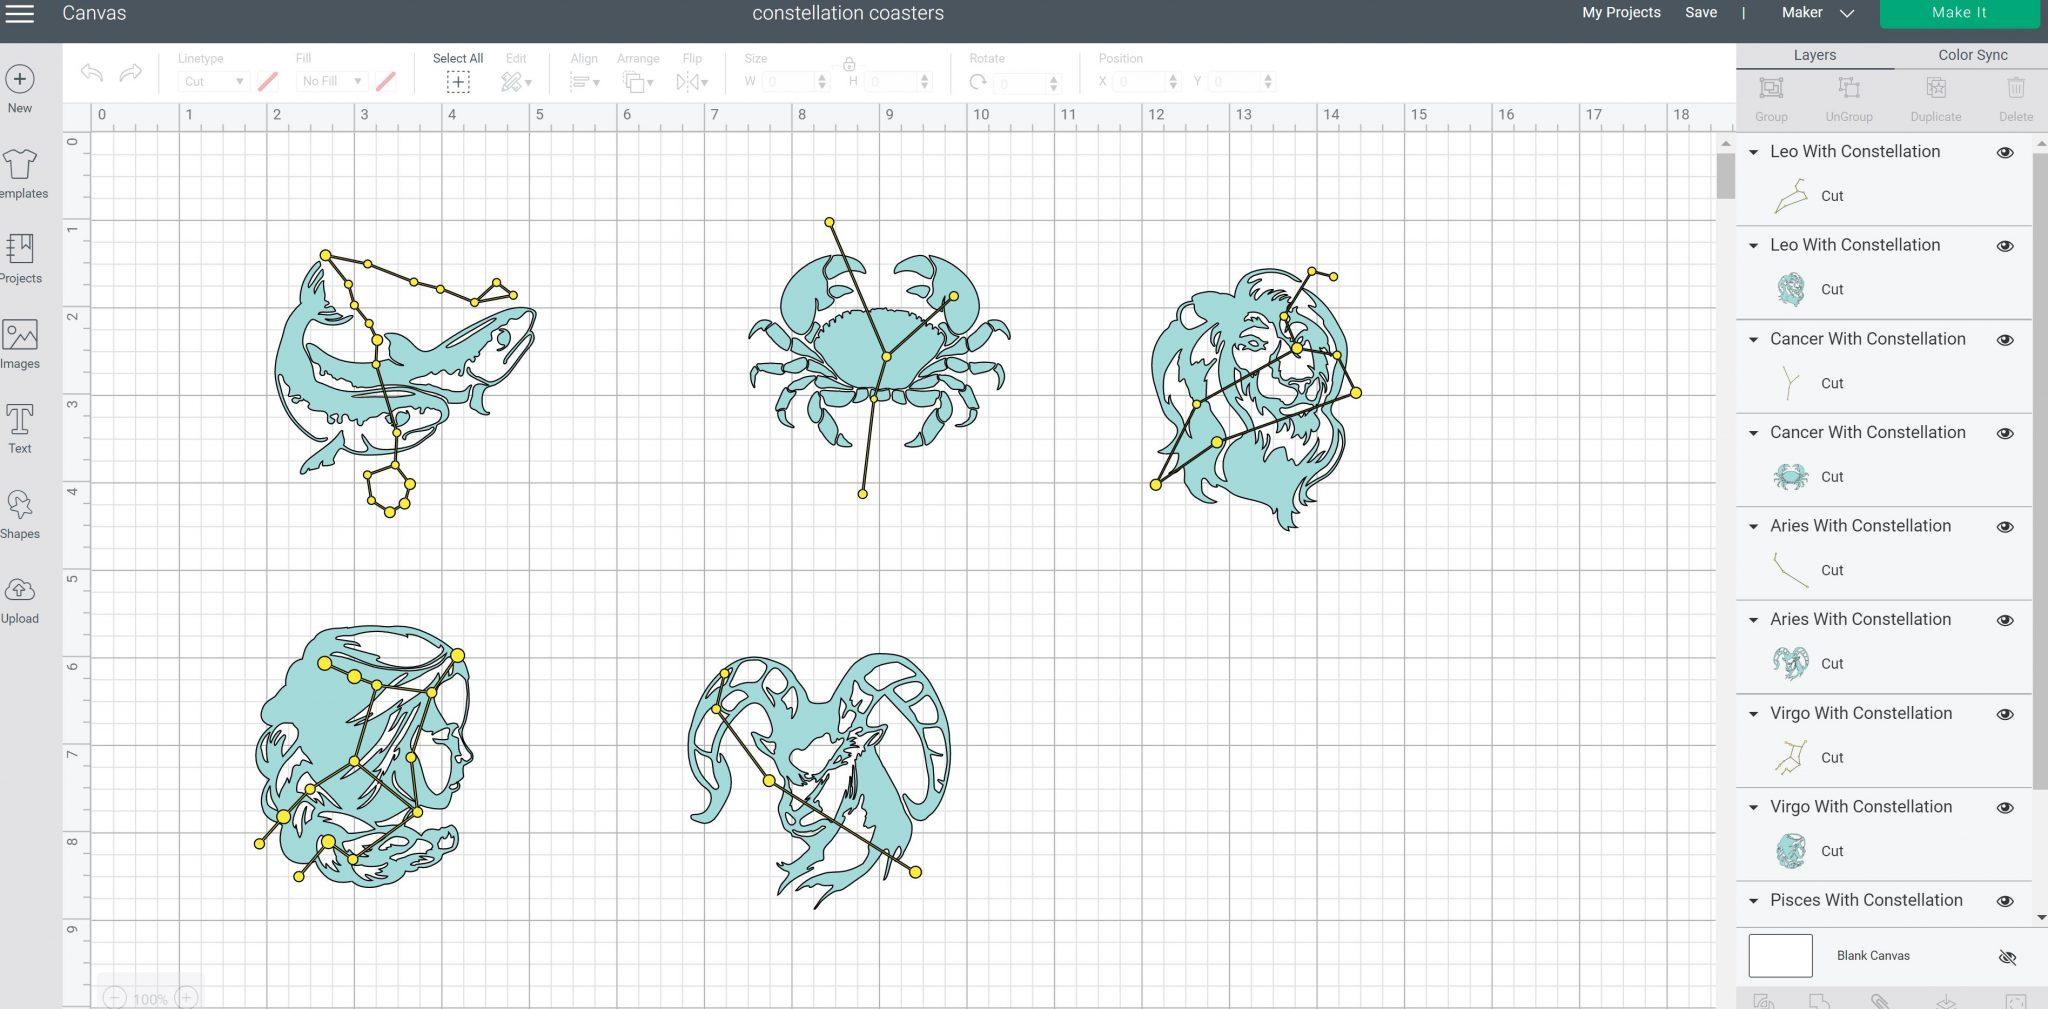 zodiac sign designs in cricut design space